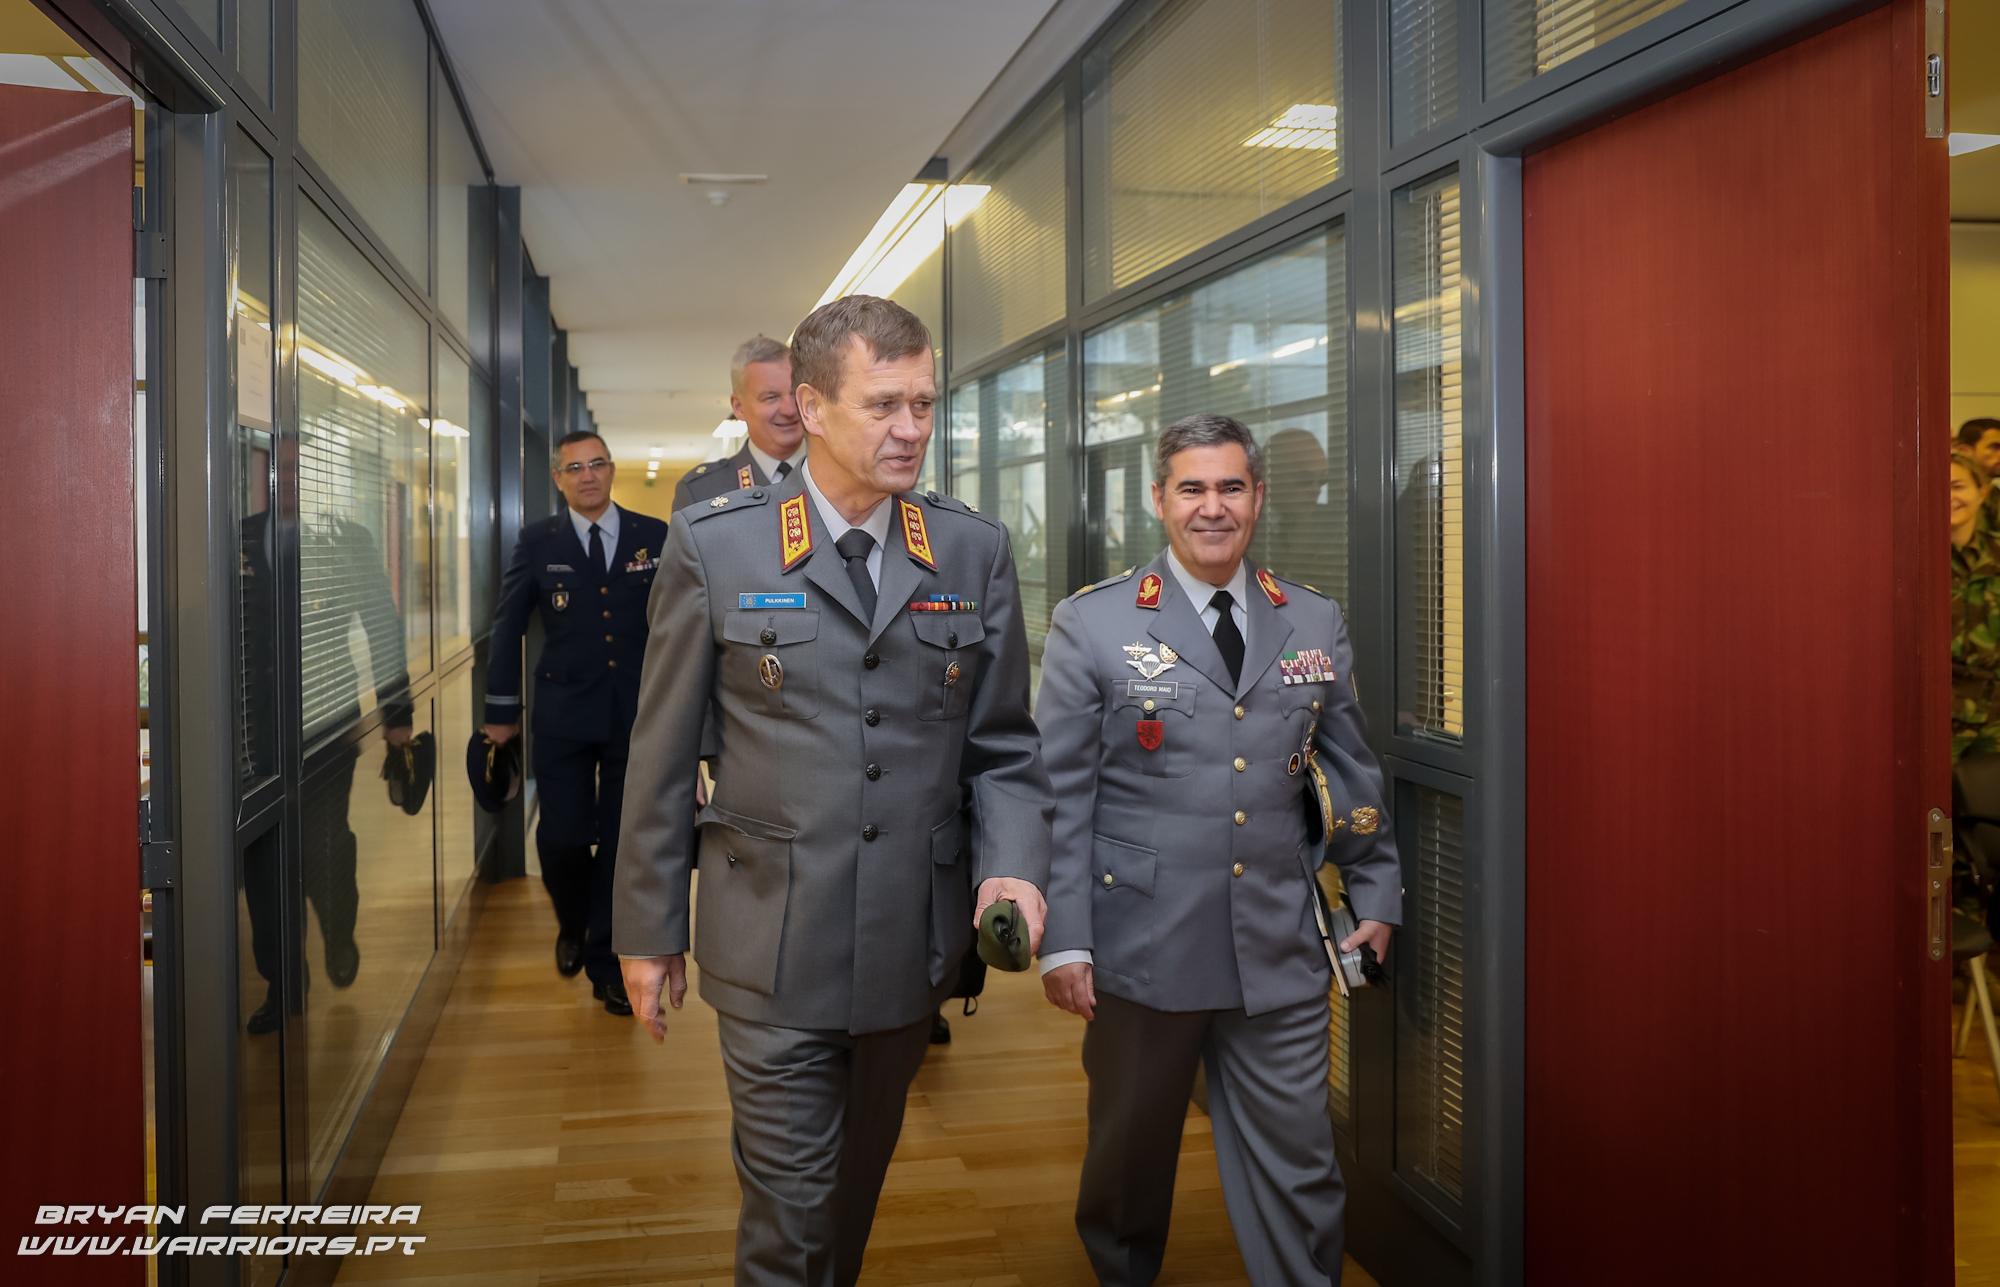 O Brigadeiro-General Hermínio Maio, do Exército Português comanda a missão European Union Training Mission (EUTM) RCA durante o ano de 2018 (EUTM RCA 18)